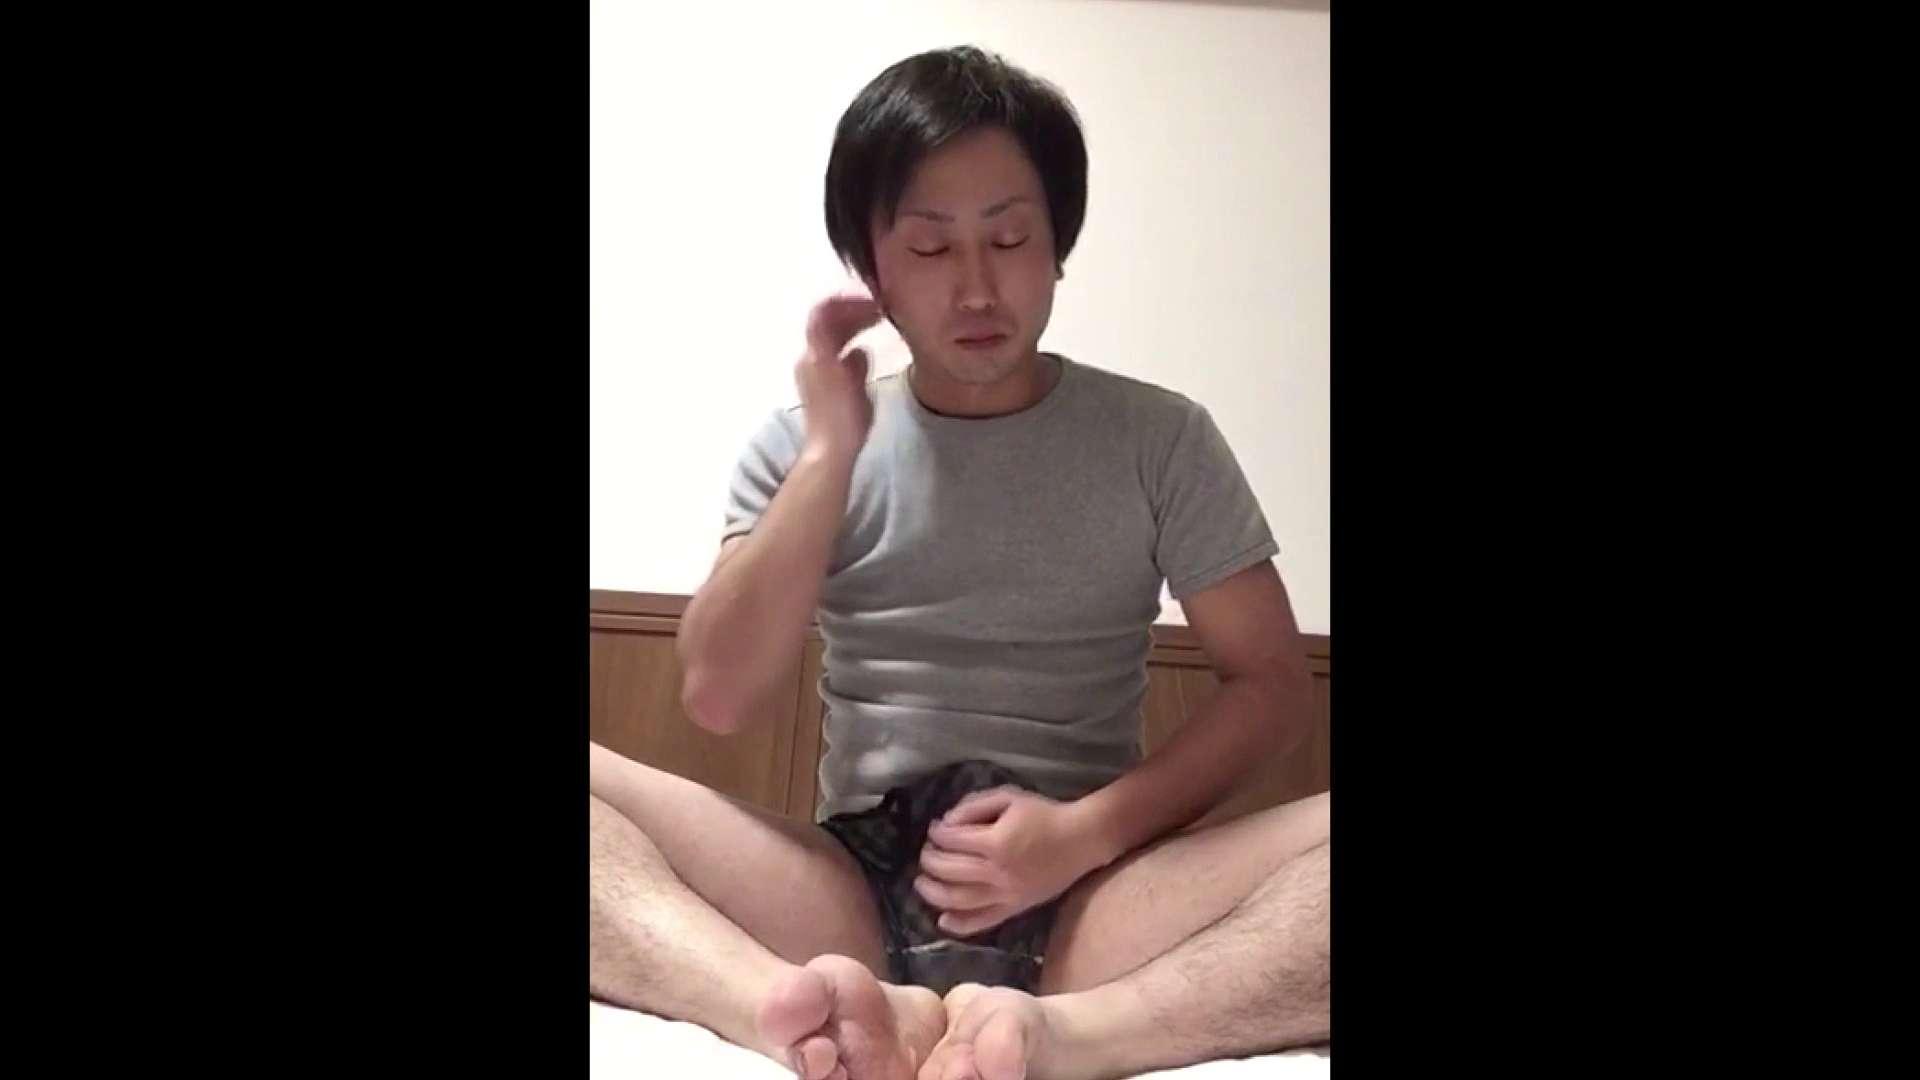 個人撮影 自慰の極意 Vol.31 オナニー ゲイAV画像 51pic 21